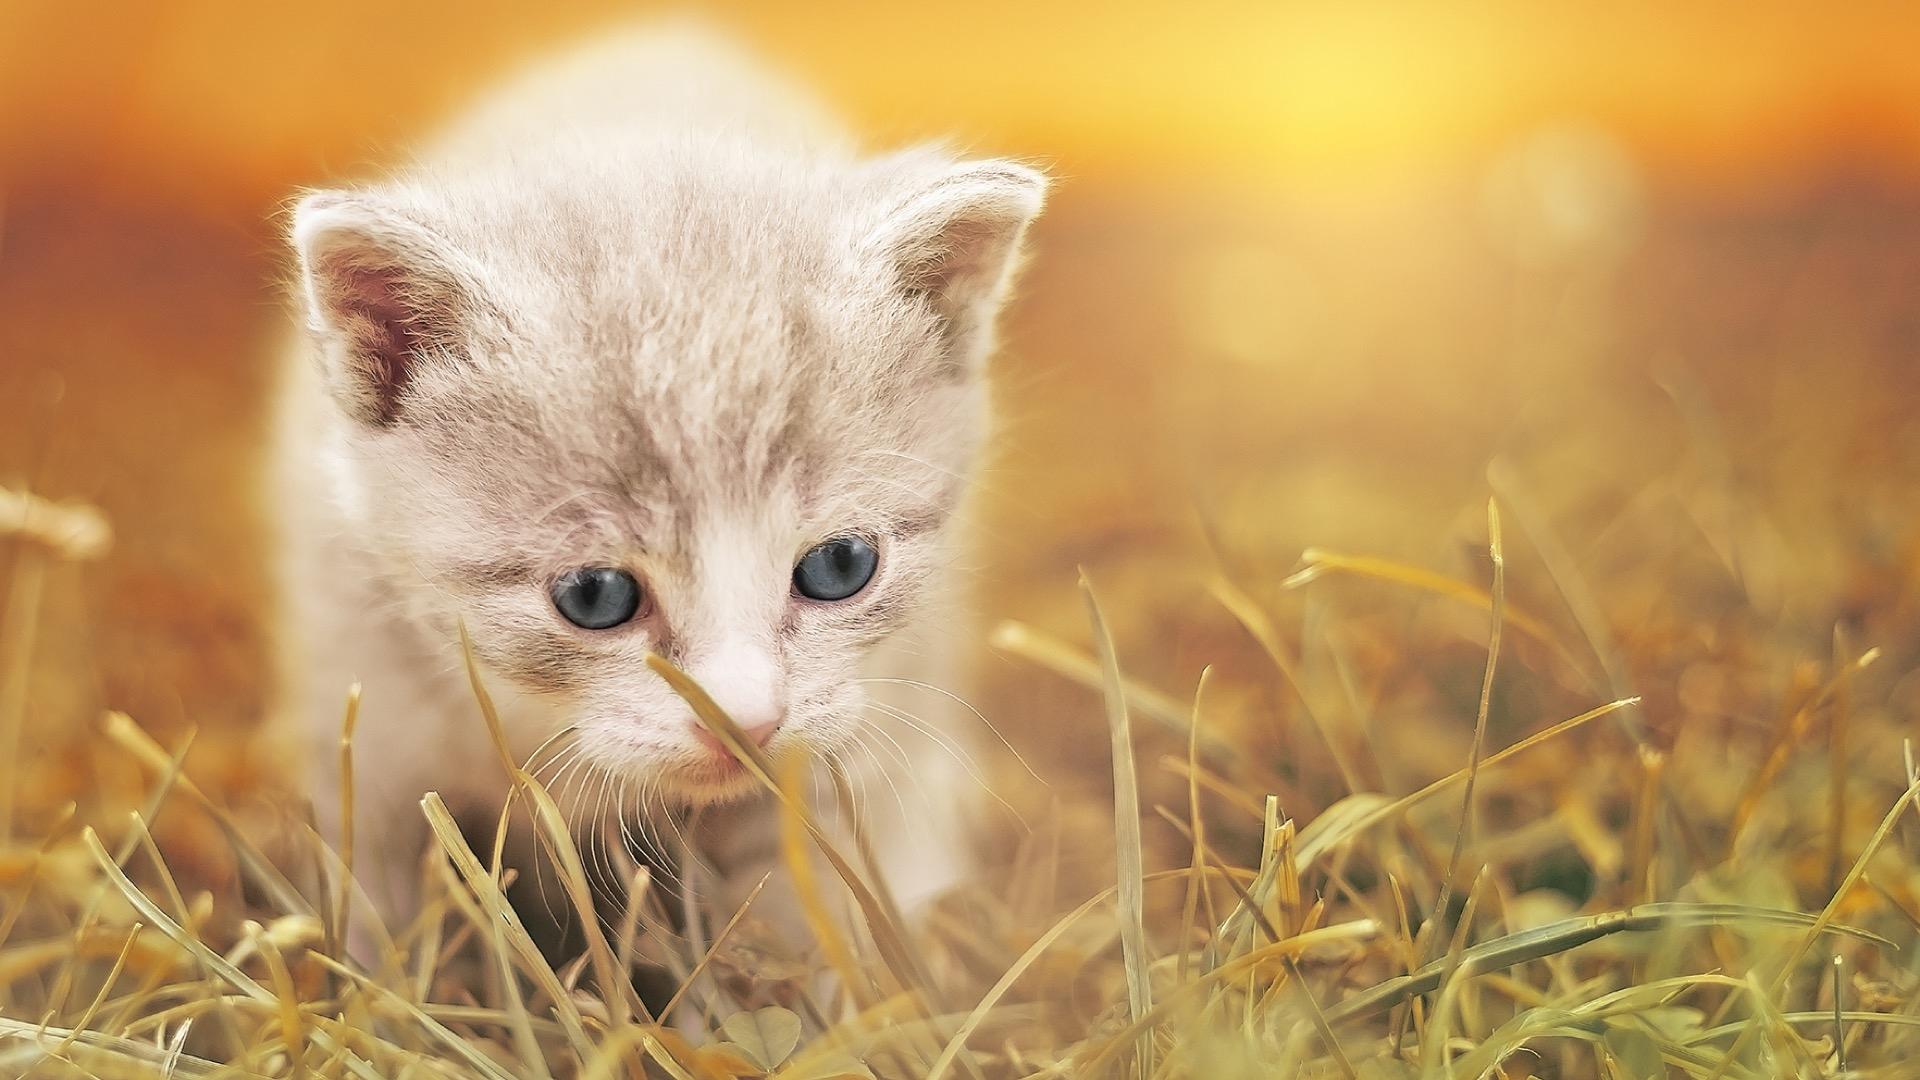 kitten walking on straw